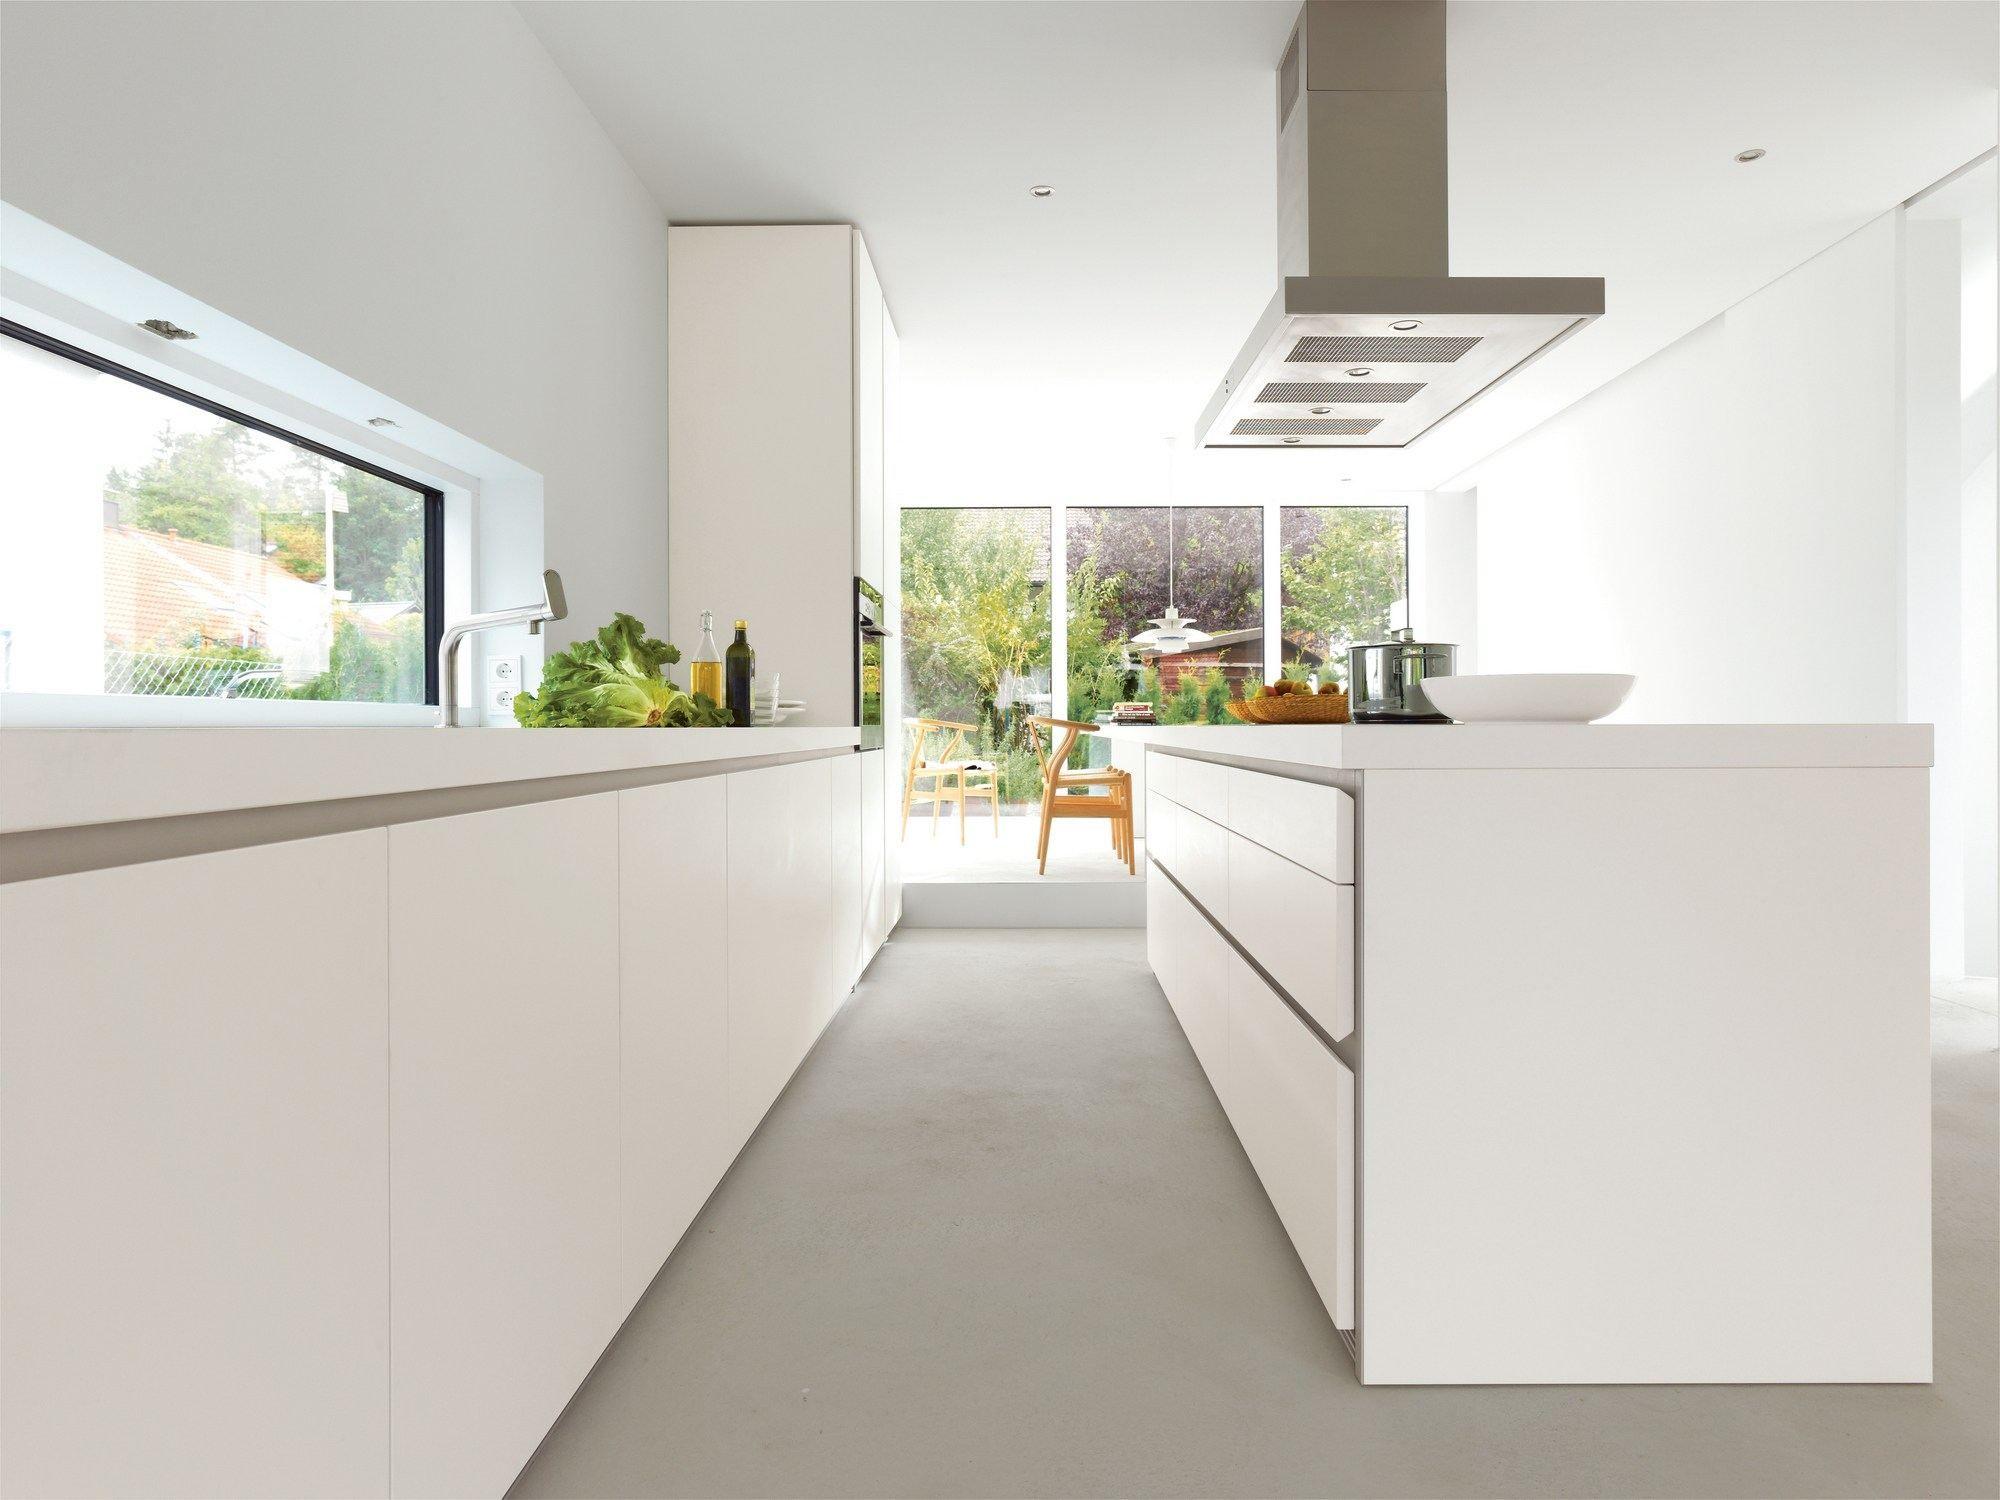 Bulthaupt Küche b1 küche mit kücheninsel by bulthaup küche kitchens